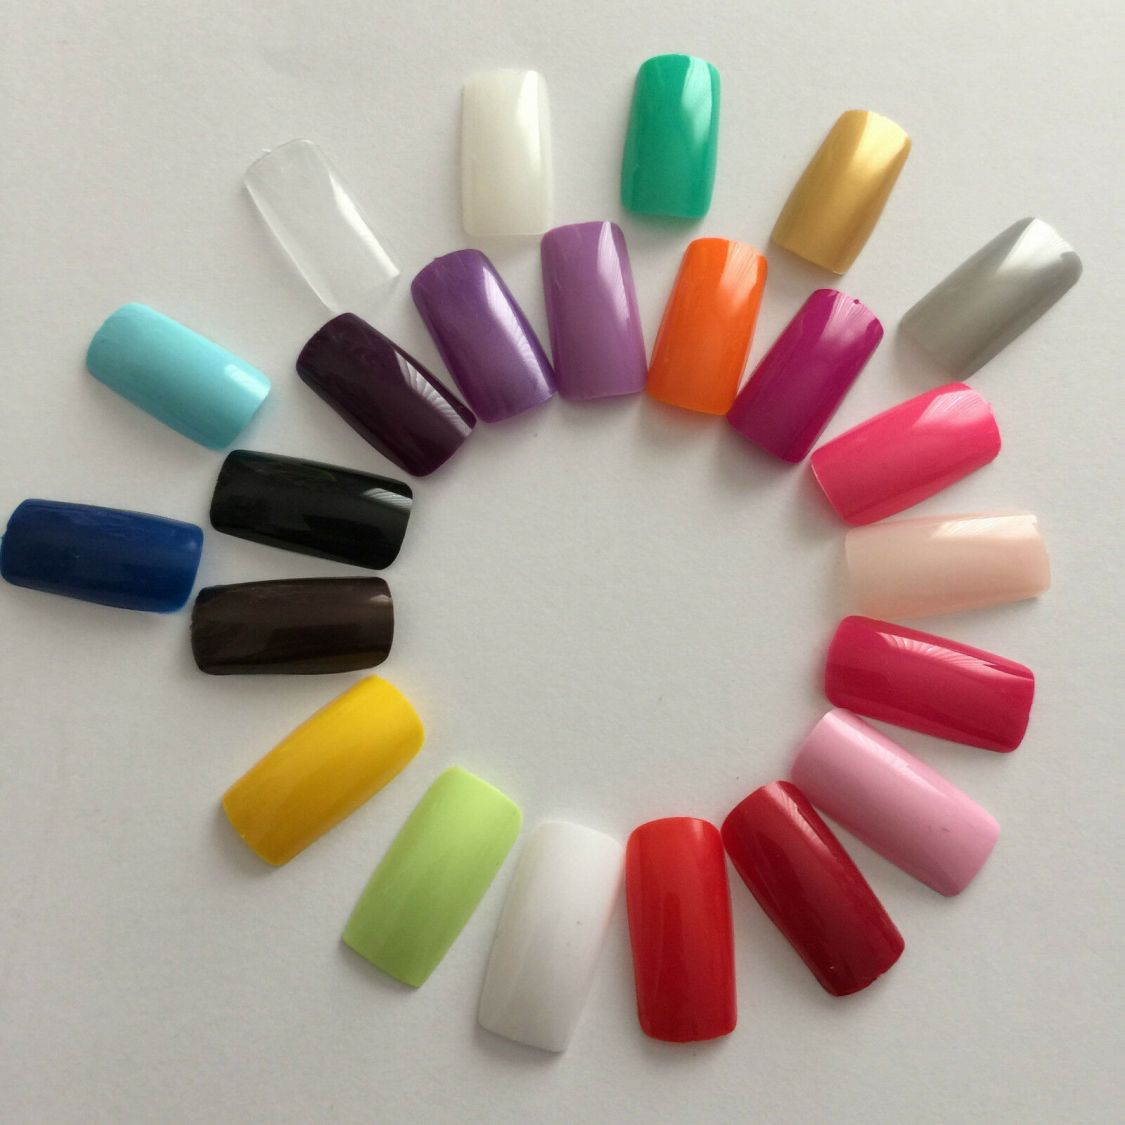 100 Künstliche Fingernägel Full Size Cover Tips in vielen Farben